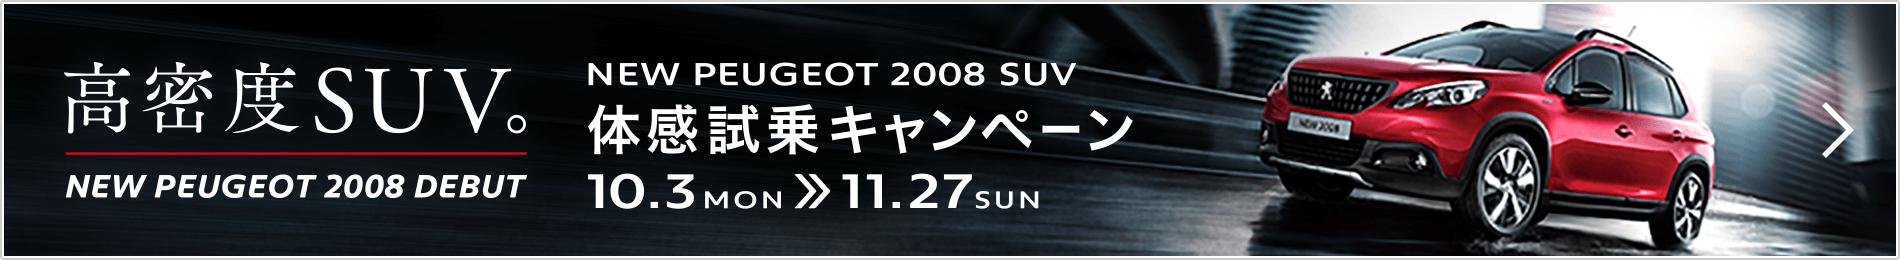 高密度SUV。NEW PEUGEOT 2008 SUV 体感試乗キャンペーン 10.3 MON » 11.27 SUN 詳しくはこちら>